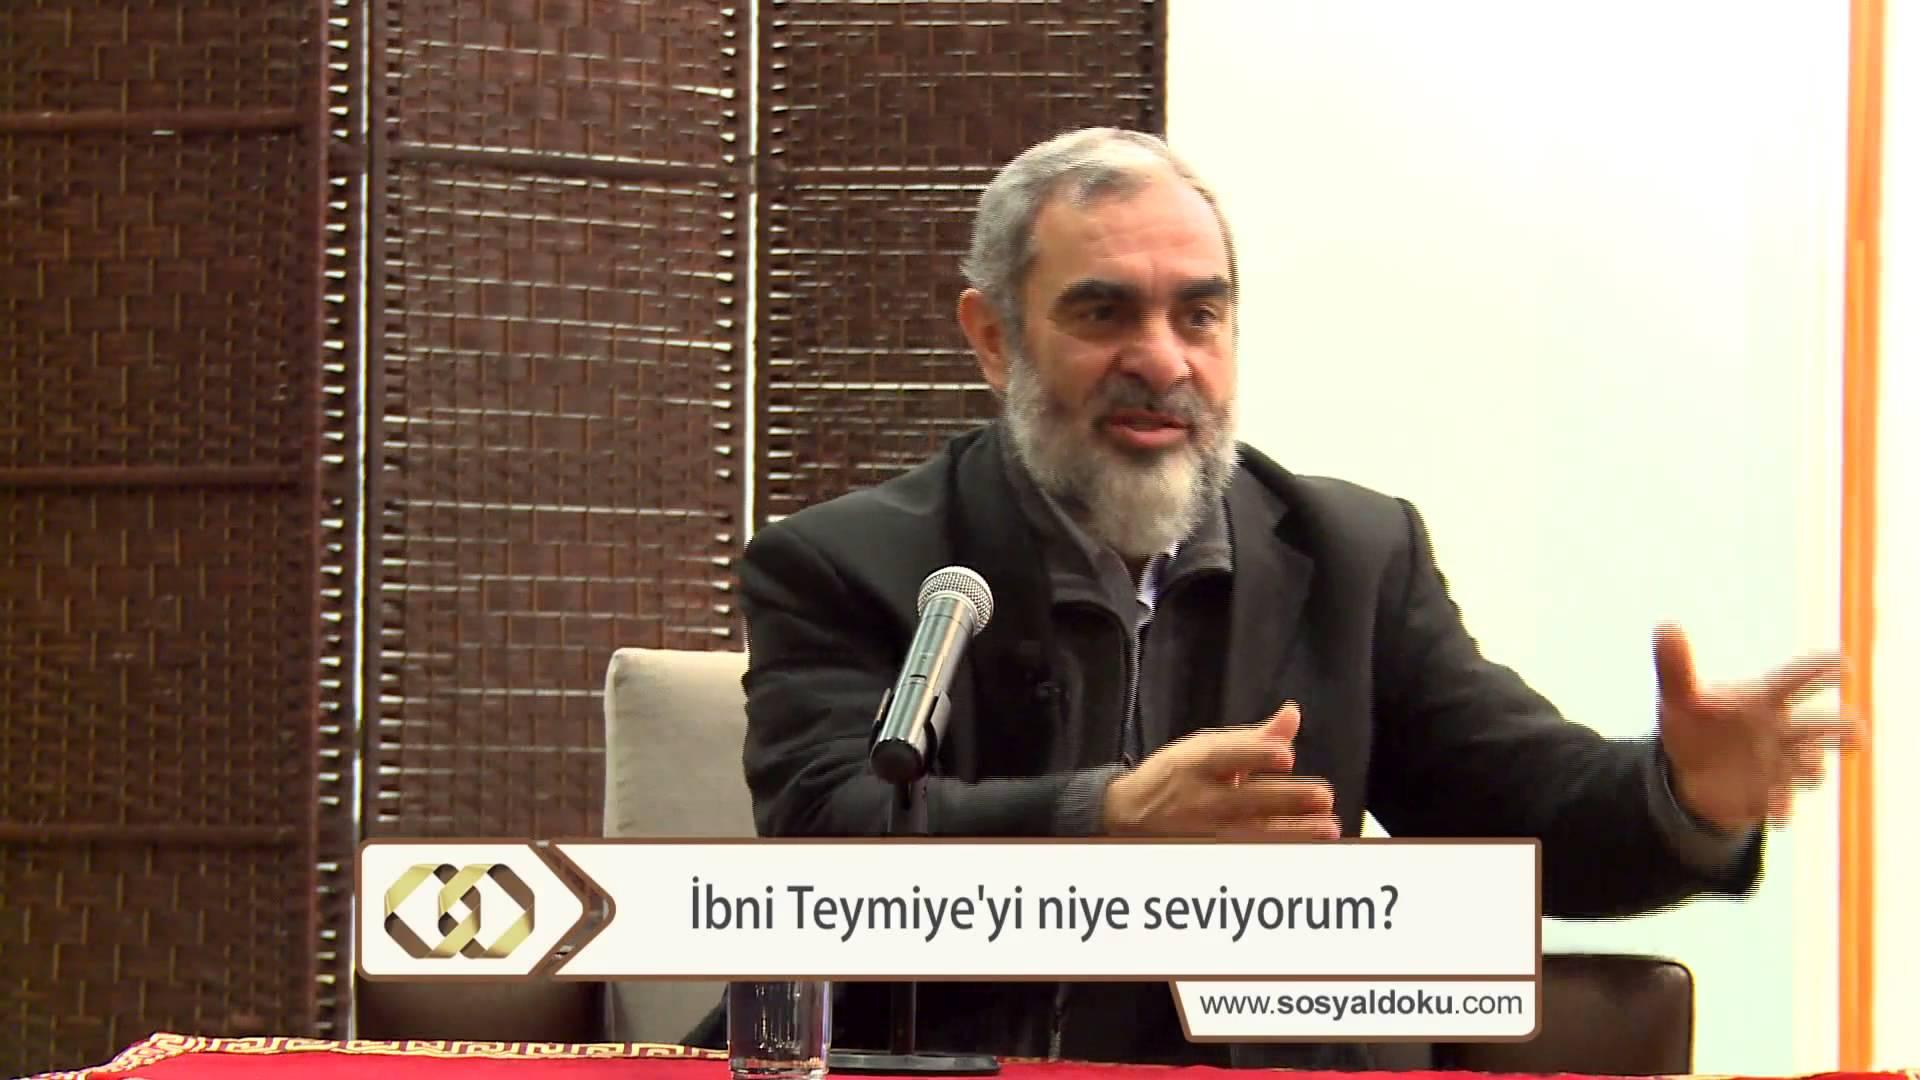 ibn tey